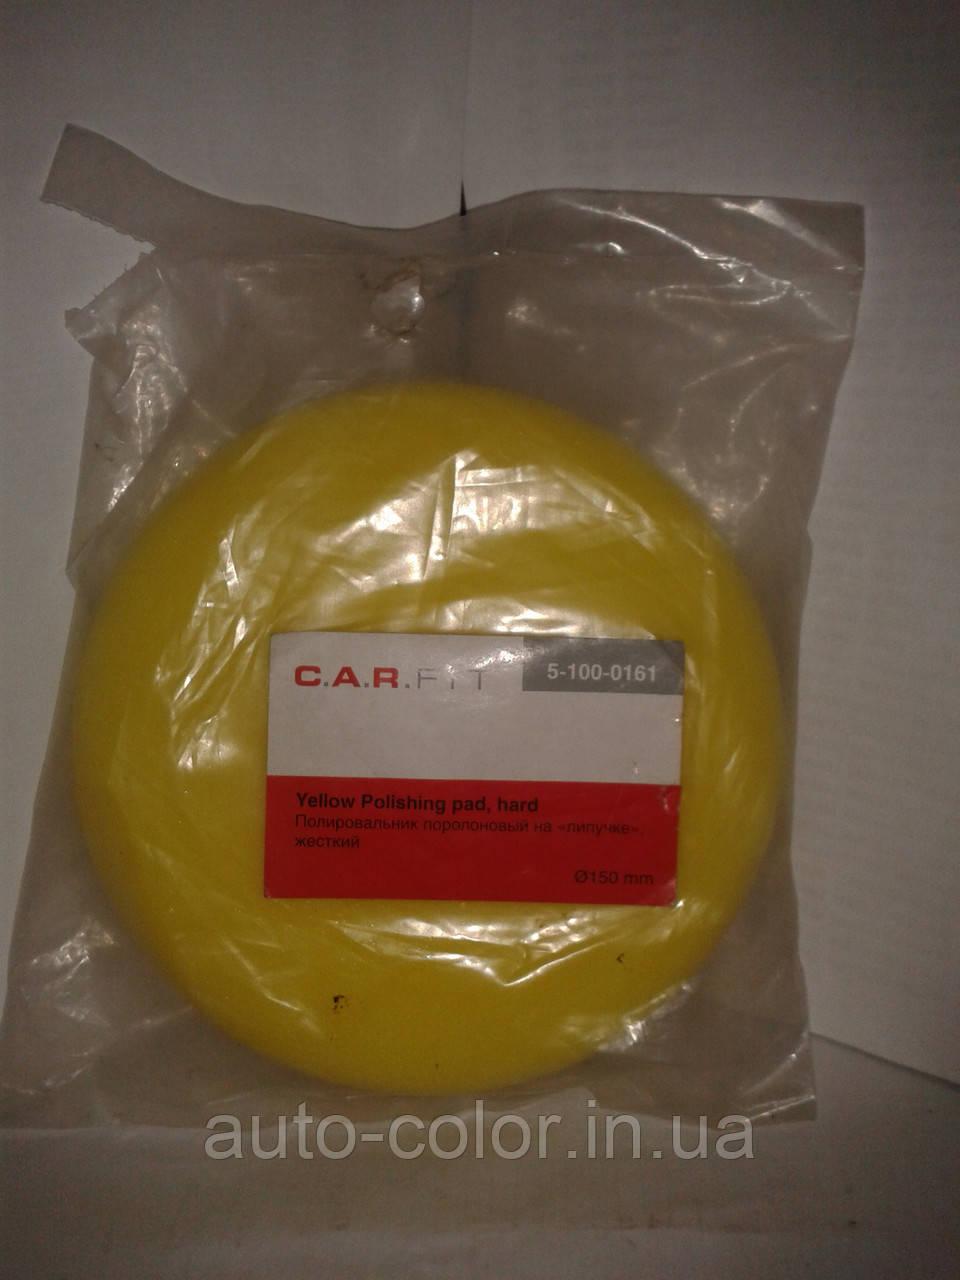 C. A. R. FIT Полірувальний круг жорсткий, діаметр 150 мм